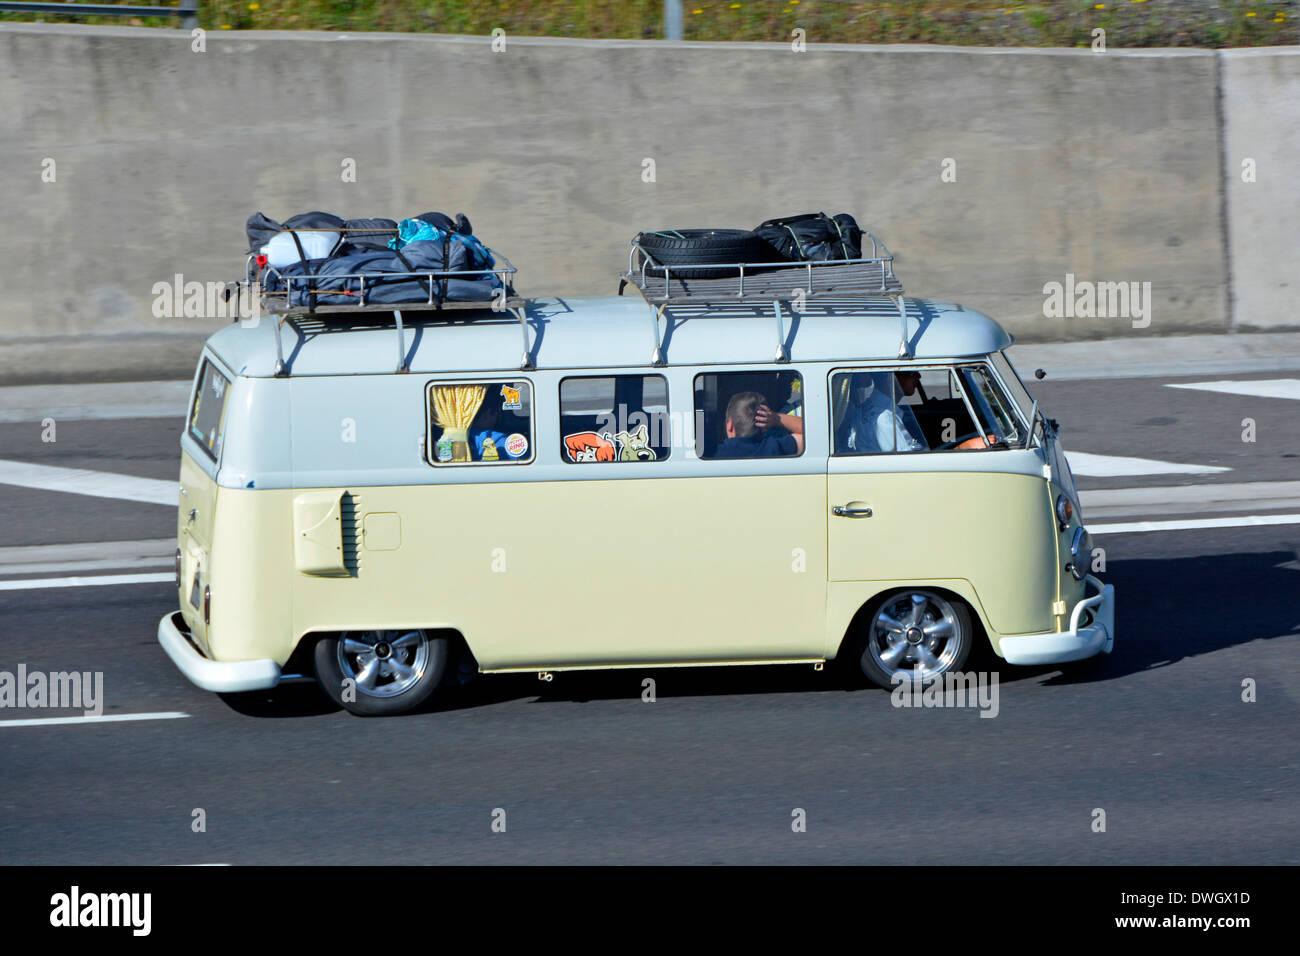 Loaded Roof Racks On Low Slung VW Camper Van Driving Along Motorway